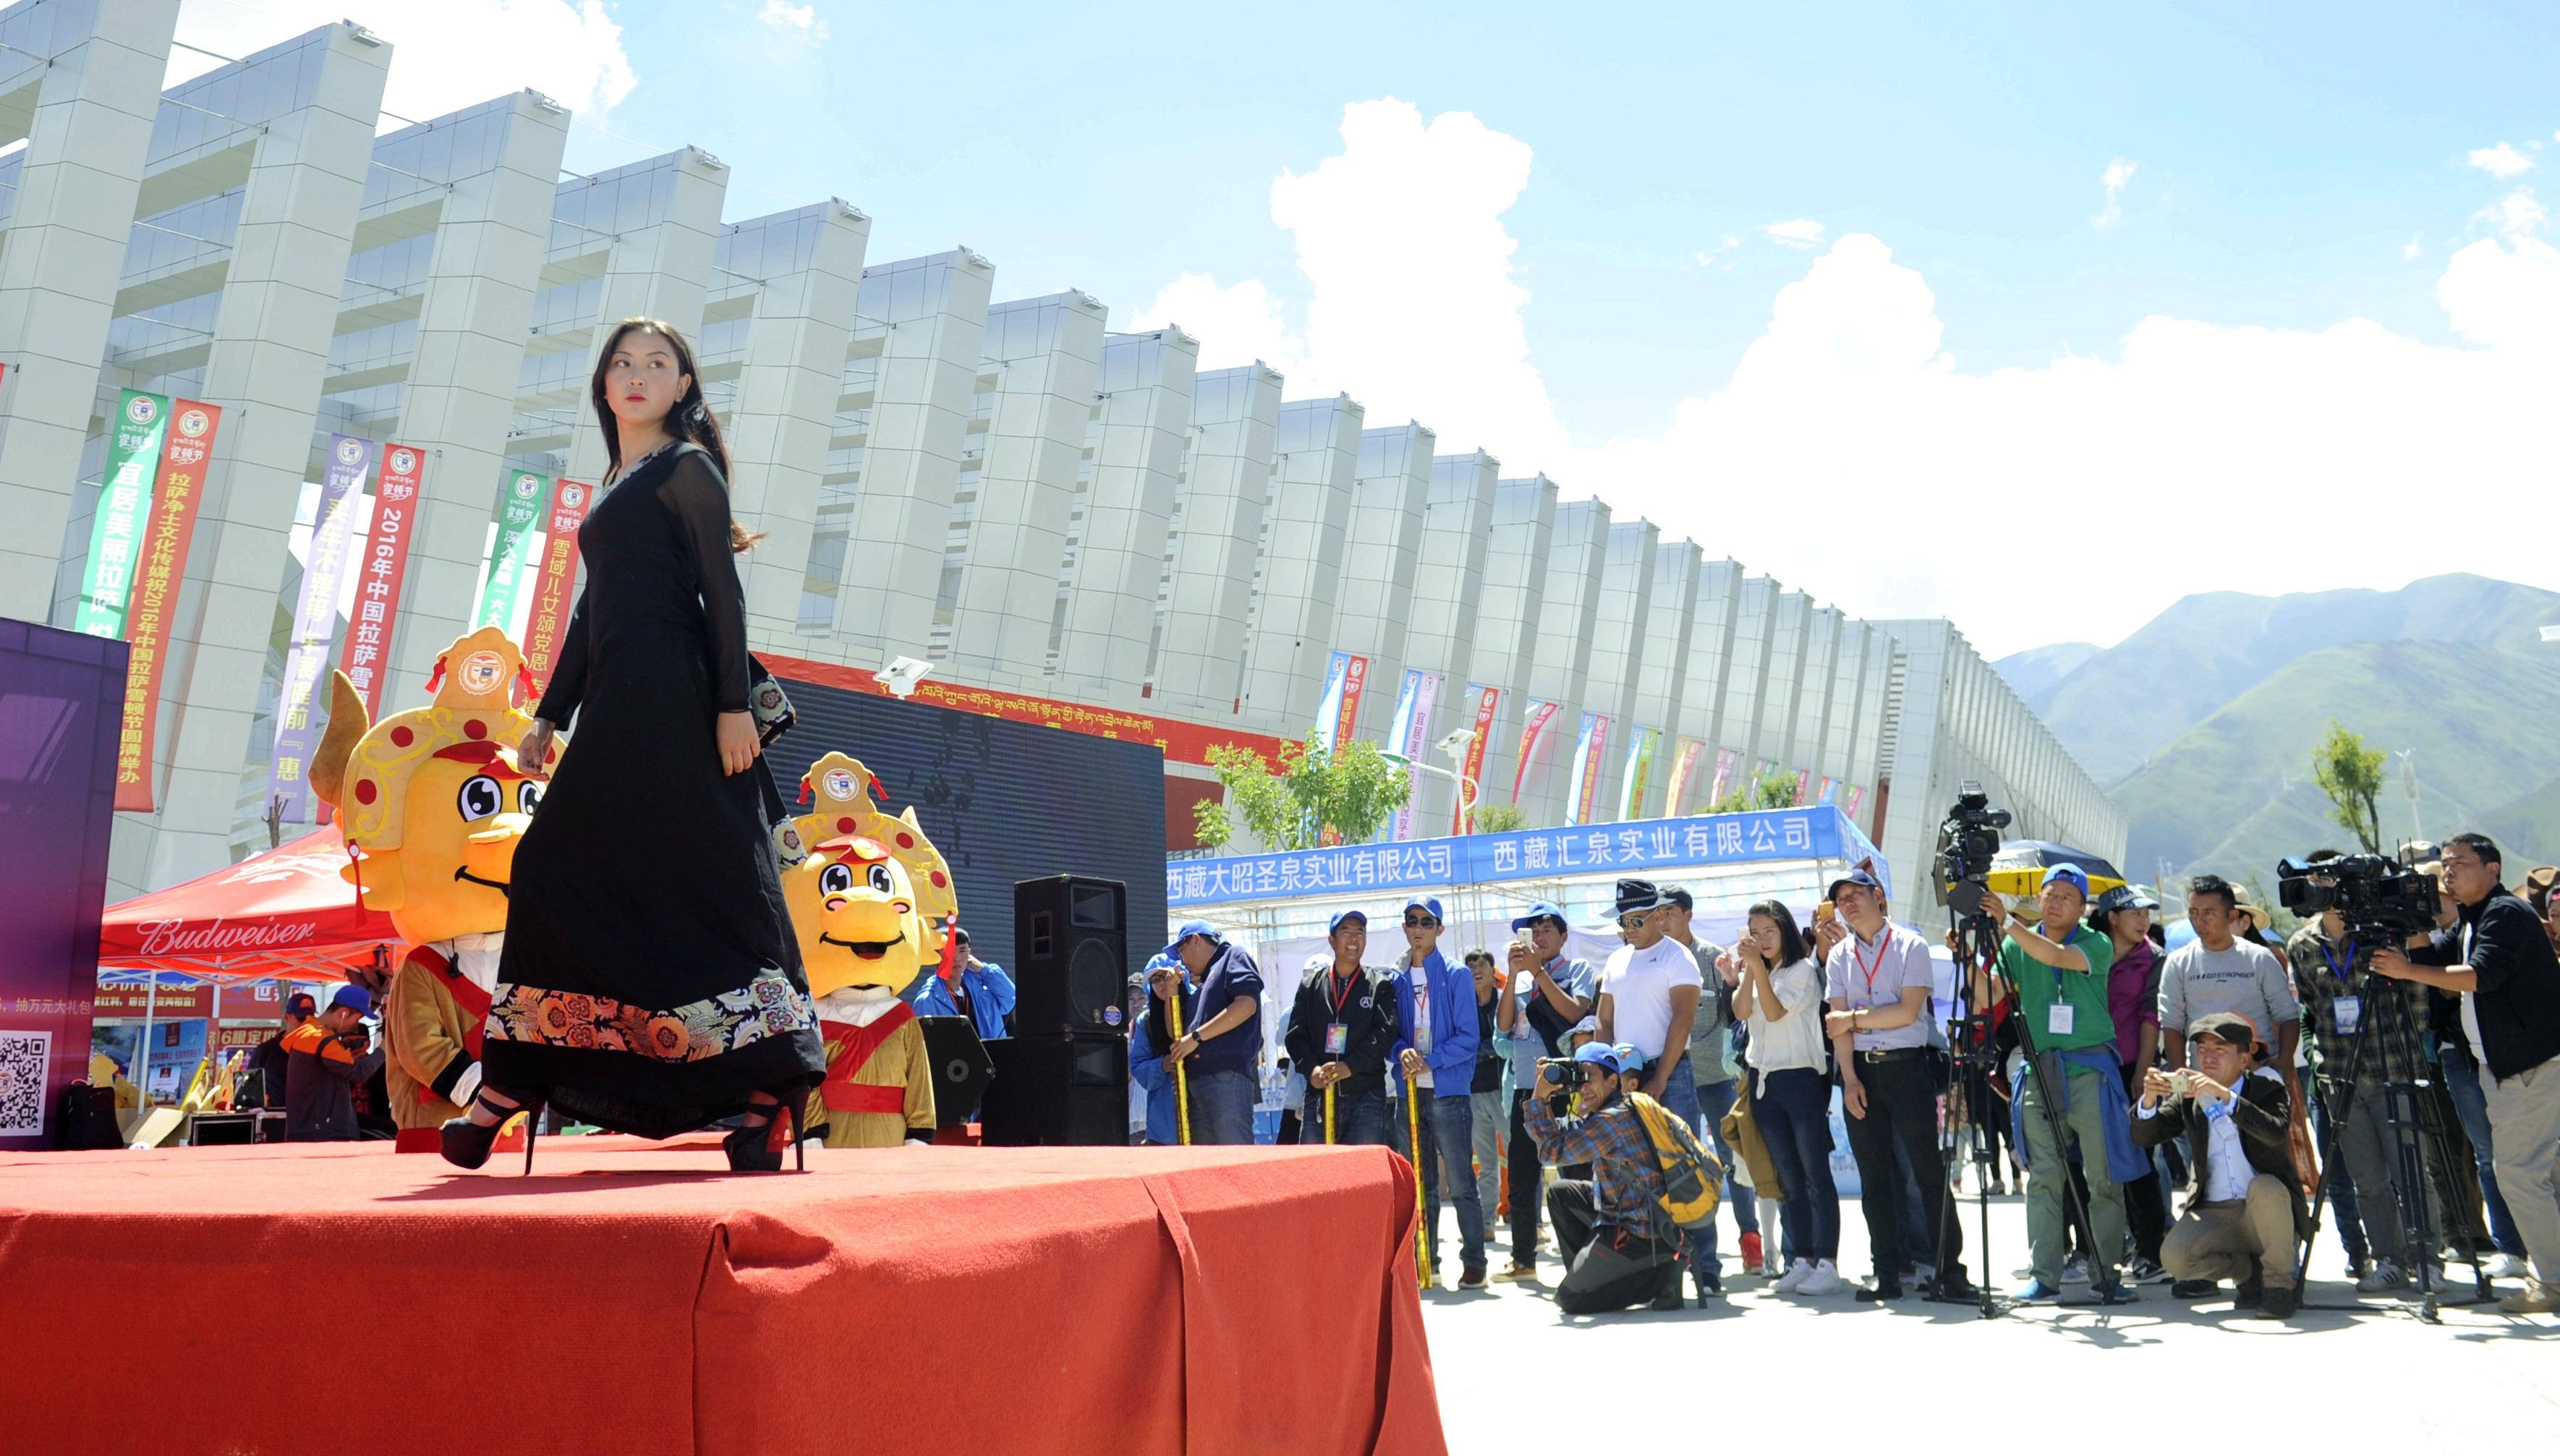 """(模特展示藏族服裝設計師扎西設計的新潮藏裝。 新華社記者晉美多吉攝) 臺下就座的觀眾中,有很多藏族老人。他們時而鼓掌,時而用贊嘆的眼光看著臺上模特身上的服裝。 傳統藏族服飾隨著現代生活方式的普及,也迎來了新生。在繼承古老民族服飾制作的基礎上,很多設計師將簡潔現代的設計元素融入傳統藏裝工藝中,制作出兼具民族、時尚特點的新式藏裝,受到越來越多人的喜愛。 略顯簡易的舞臺,并沒有讓模特們失去了走秀的感覺。穿著黑色藏式鑲邊開襟衫的模特土旦加措顯得格外精神。 """"今天穿的服裝比以前的材質更好,并且更有時尚"""